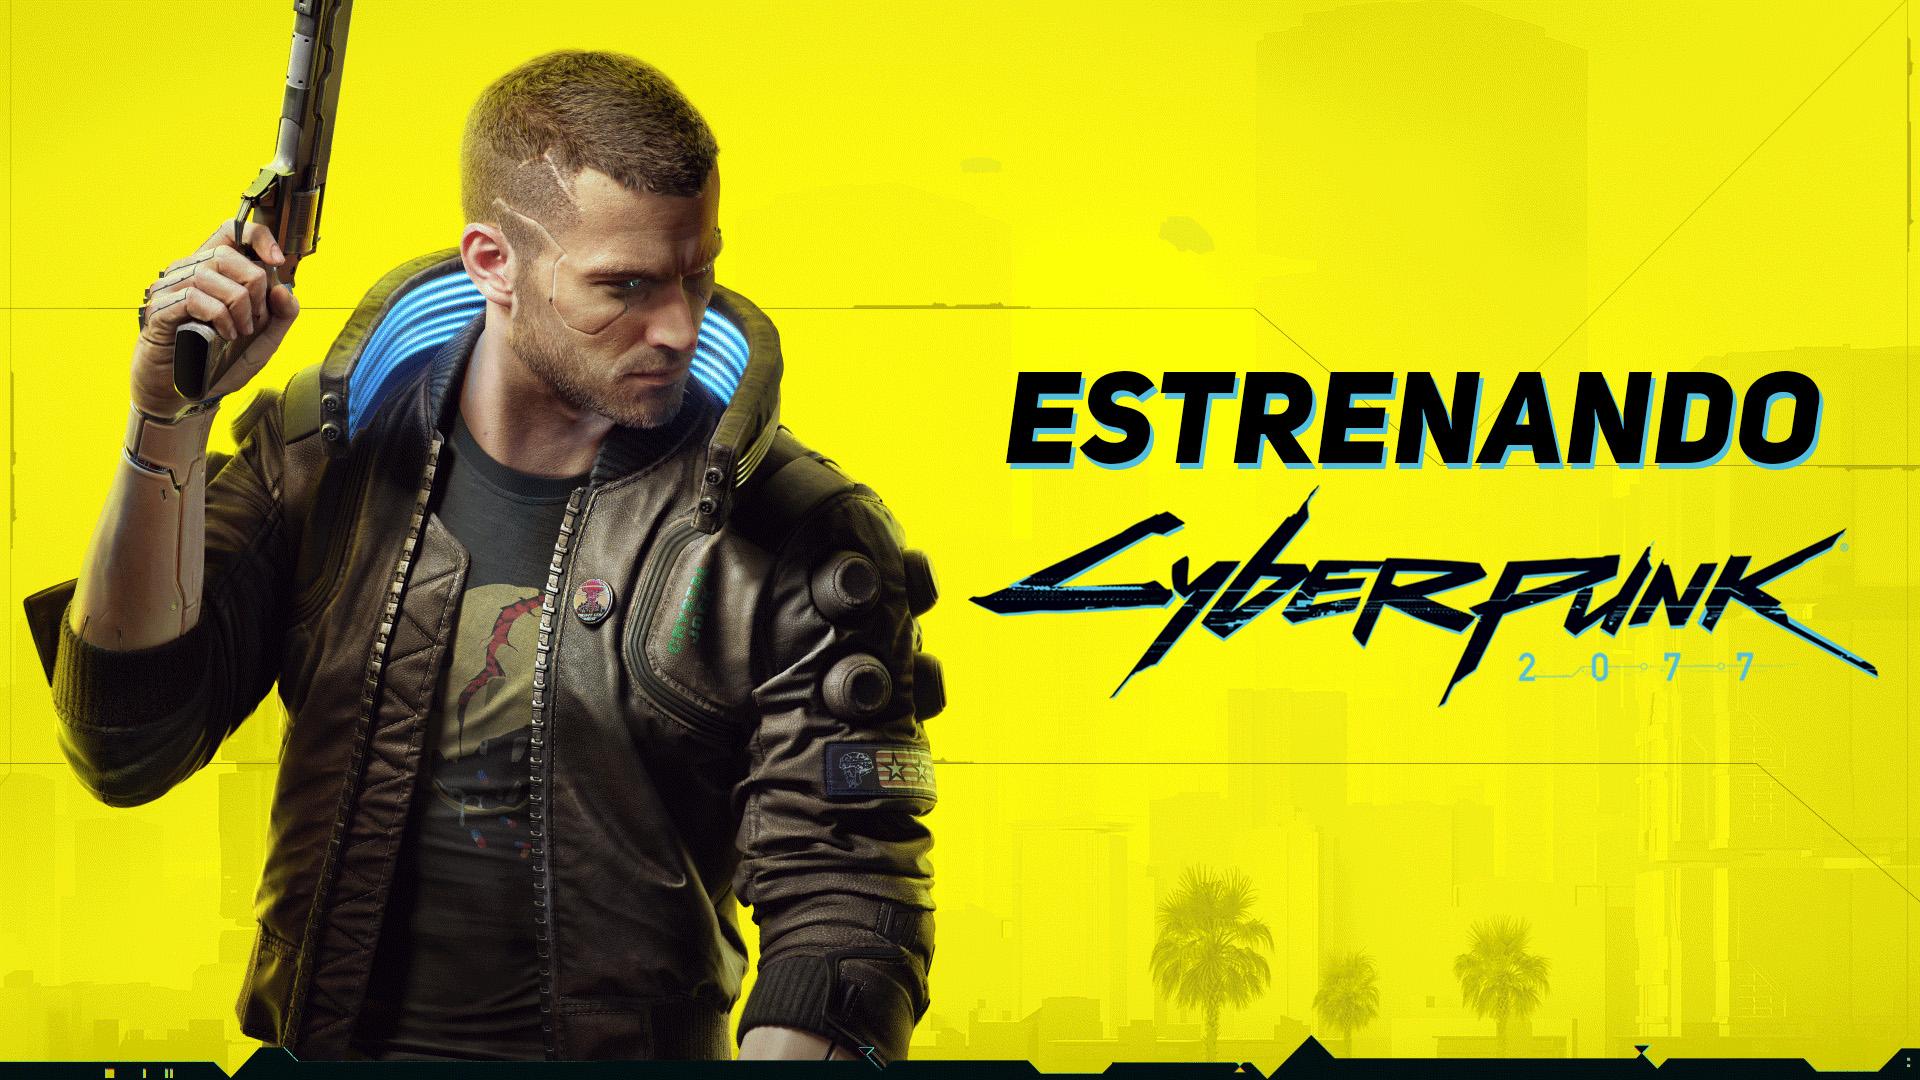 Estrenando Cyberpunk 2077